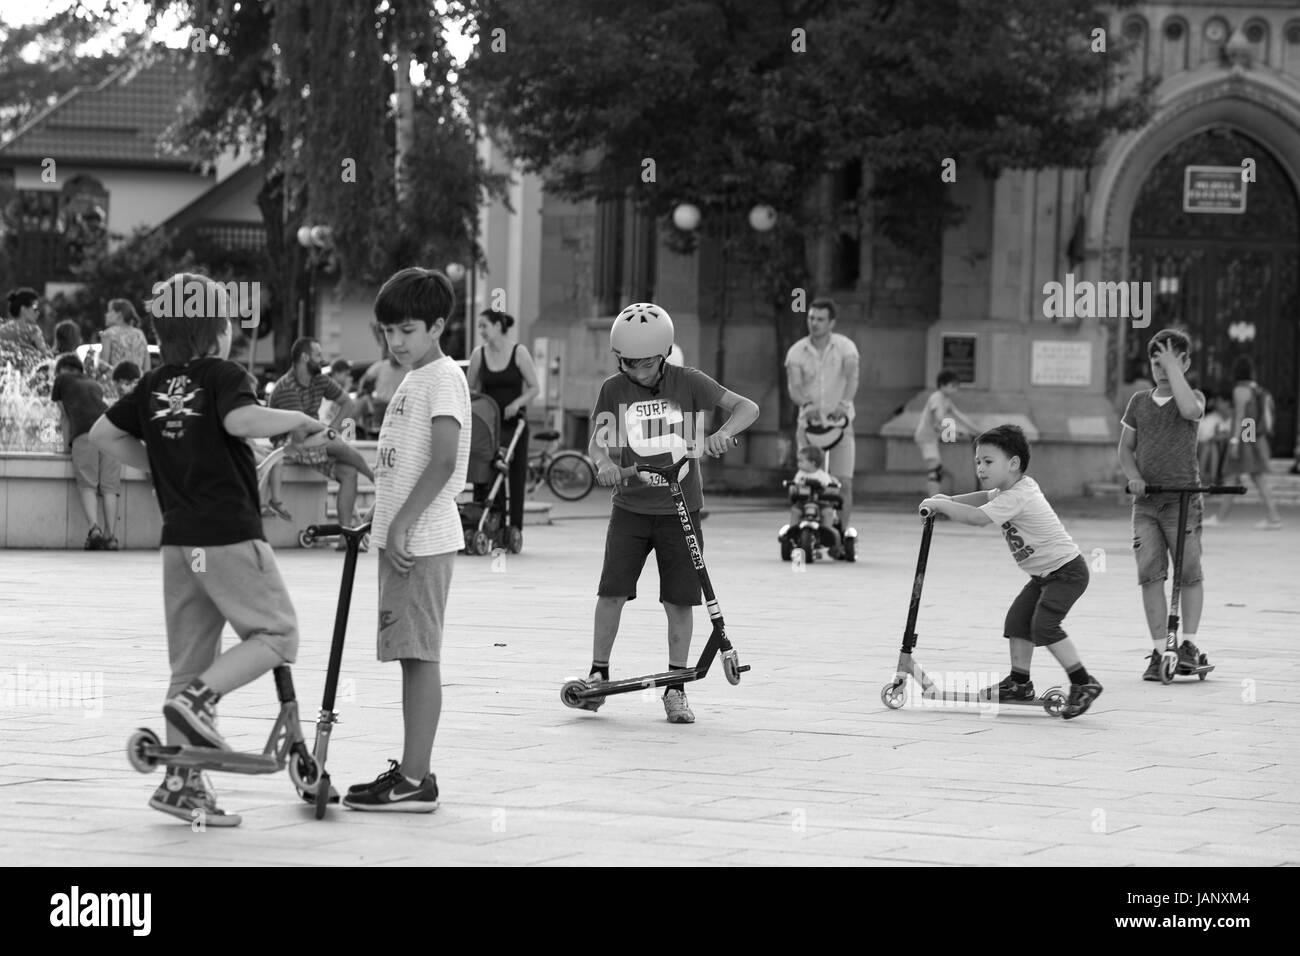 La trottinette, enfants, jouant à la place principale, la vie quotidienne, , enfants, les rues, les villes Photo Stock